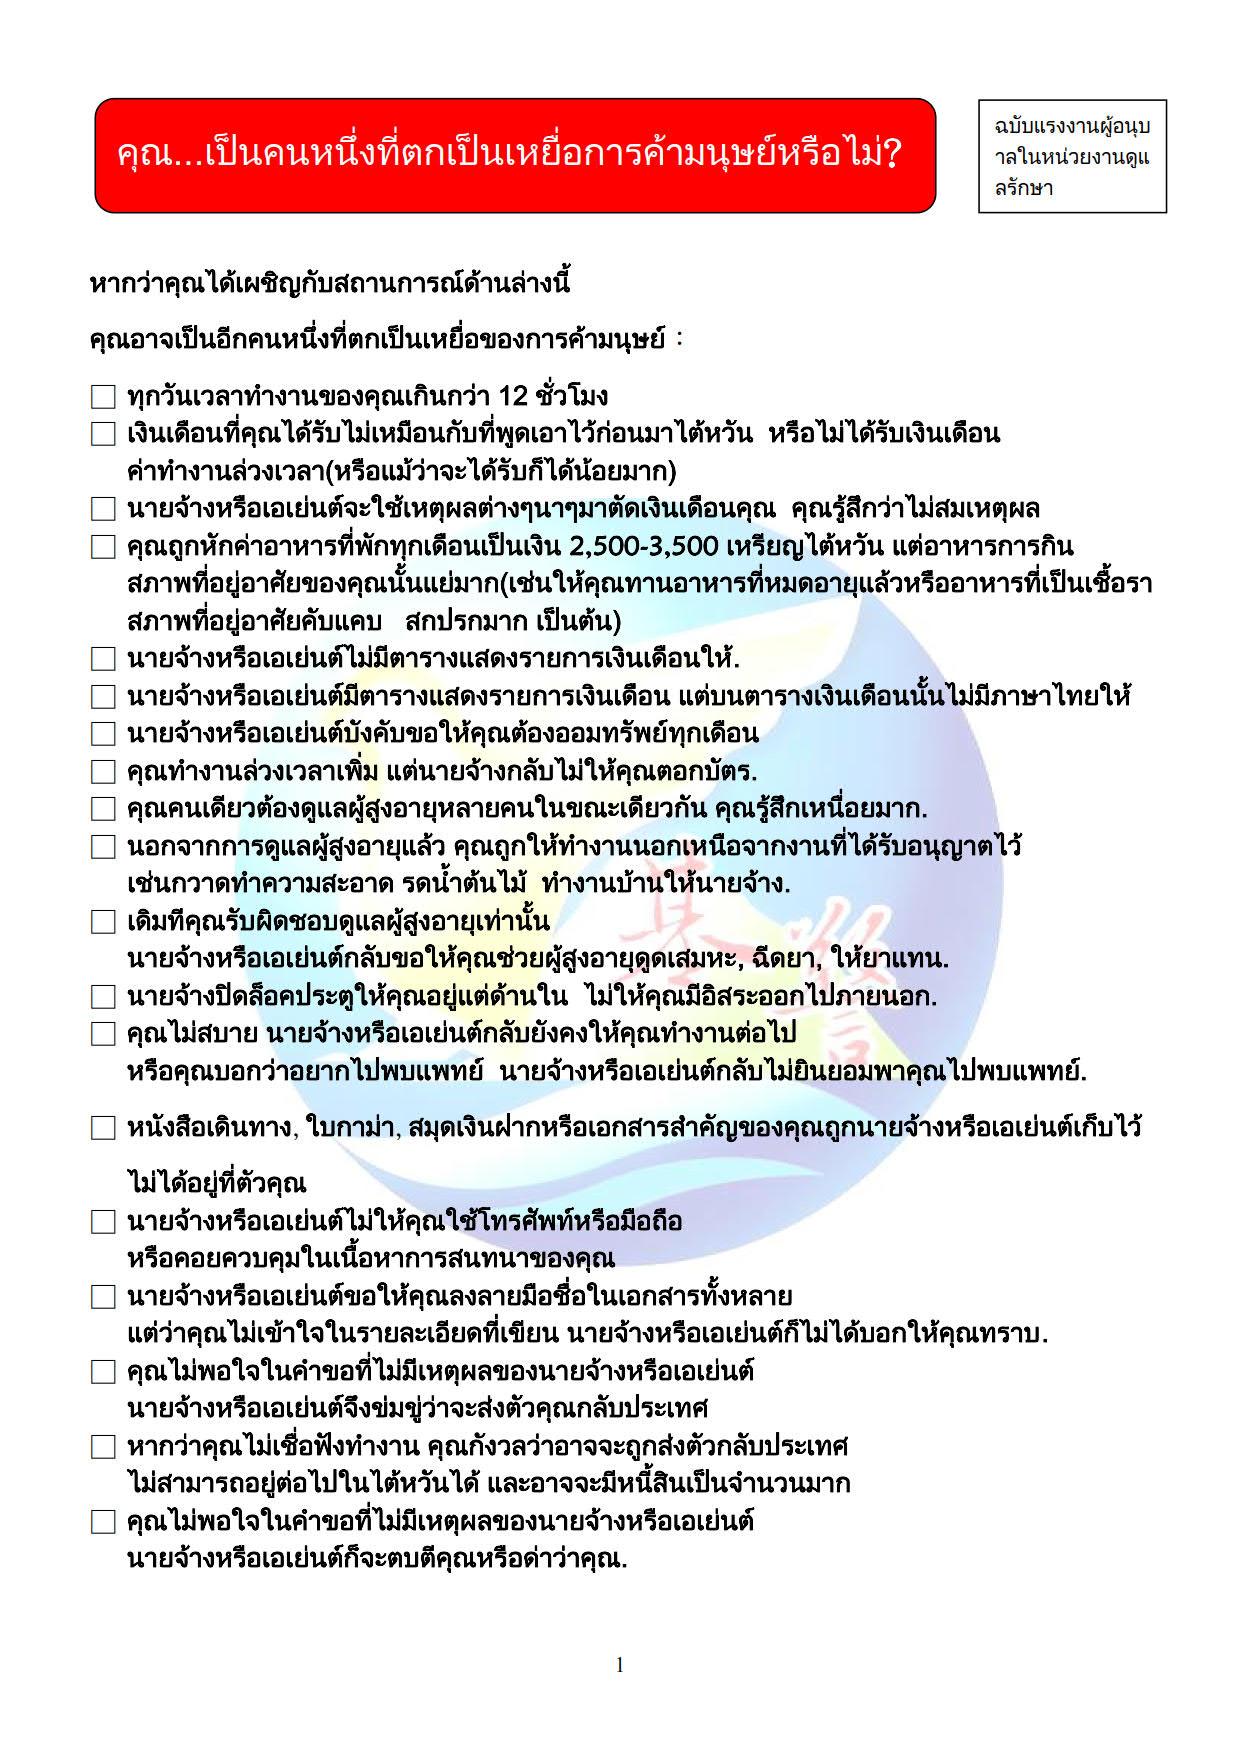 宣導單(養護機構)-thailand